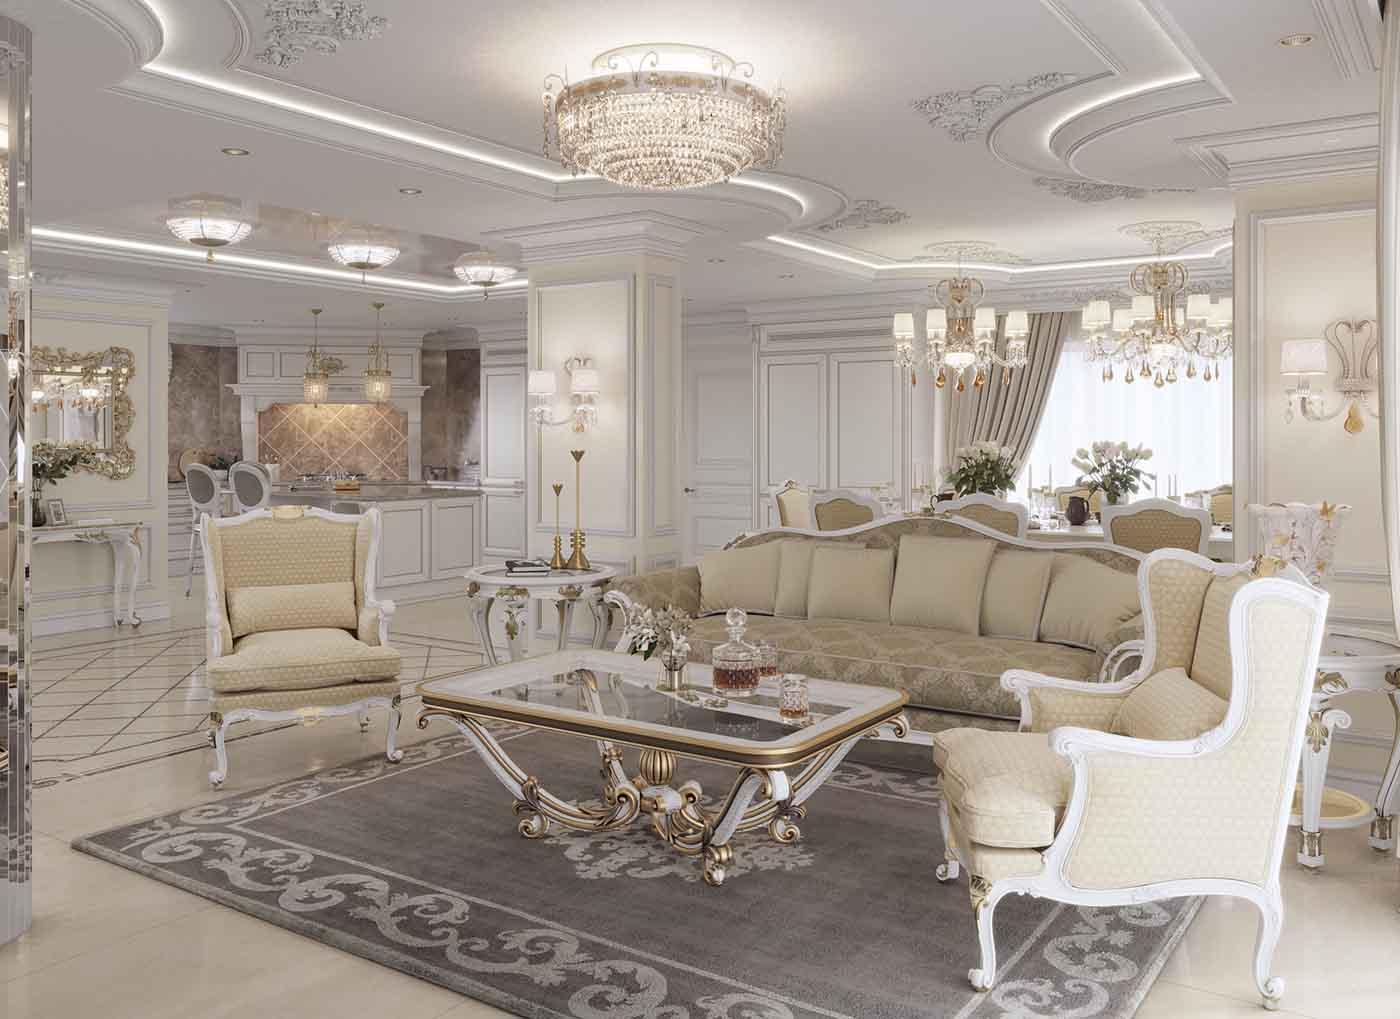 سبک دکوراسیون کلاسیک با مبلمان استیل کرم سفید